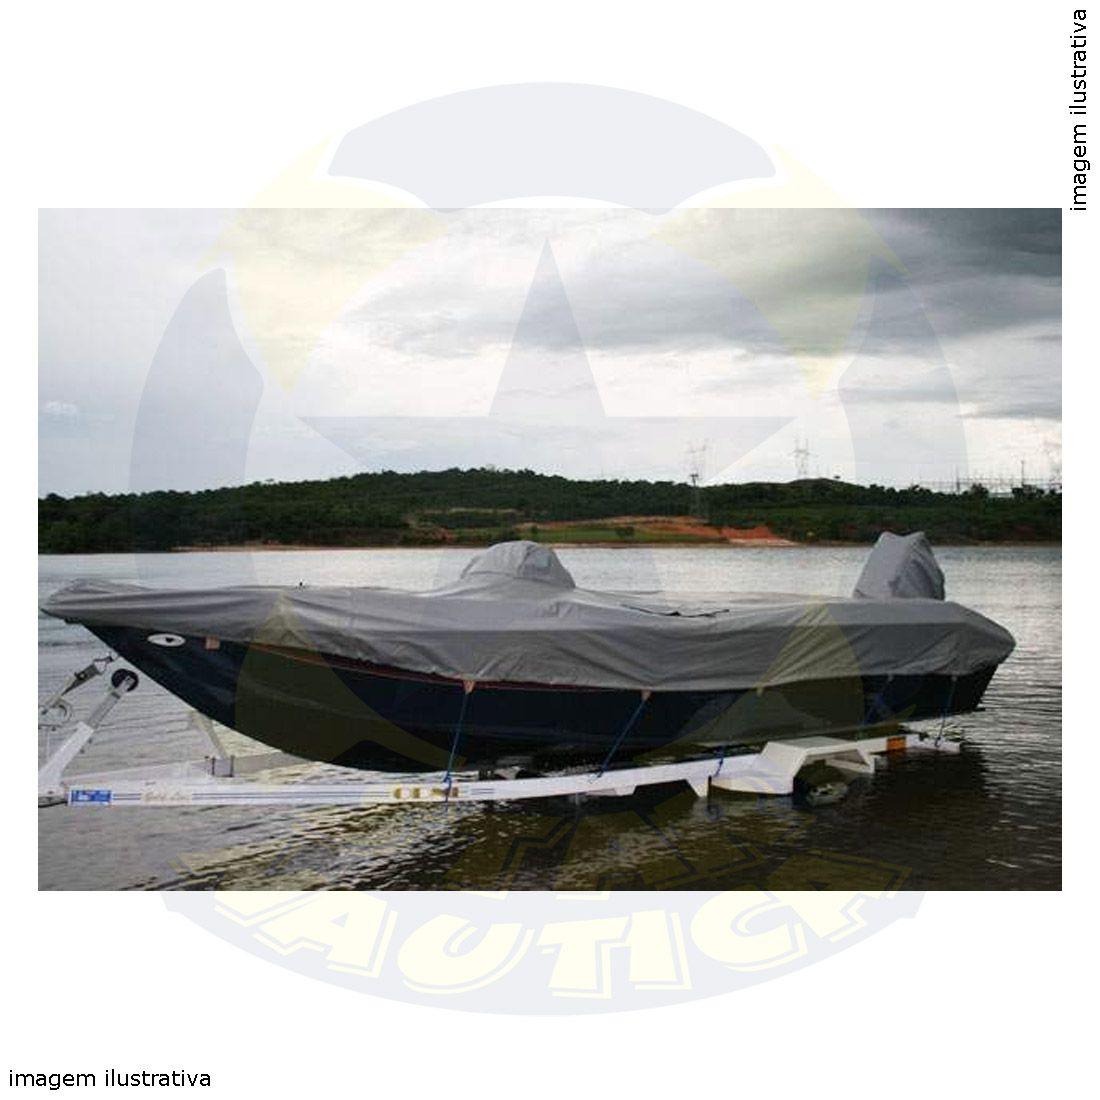 Capa Lona de Cobertura Lancha Apache 18 Pés Fluvimar Lona Poliéster